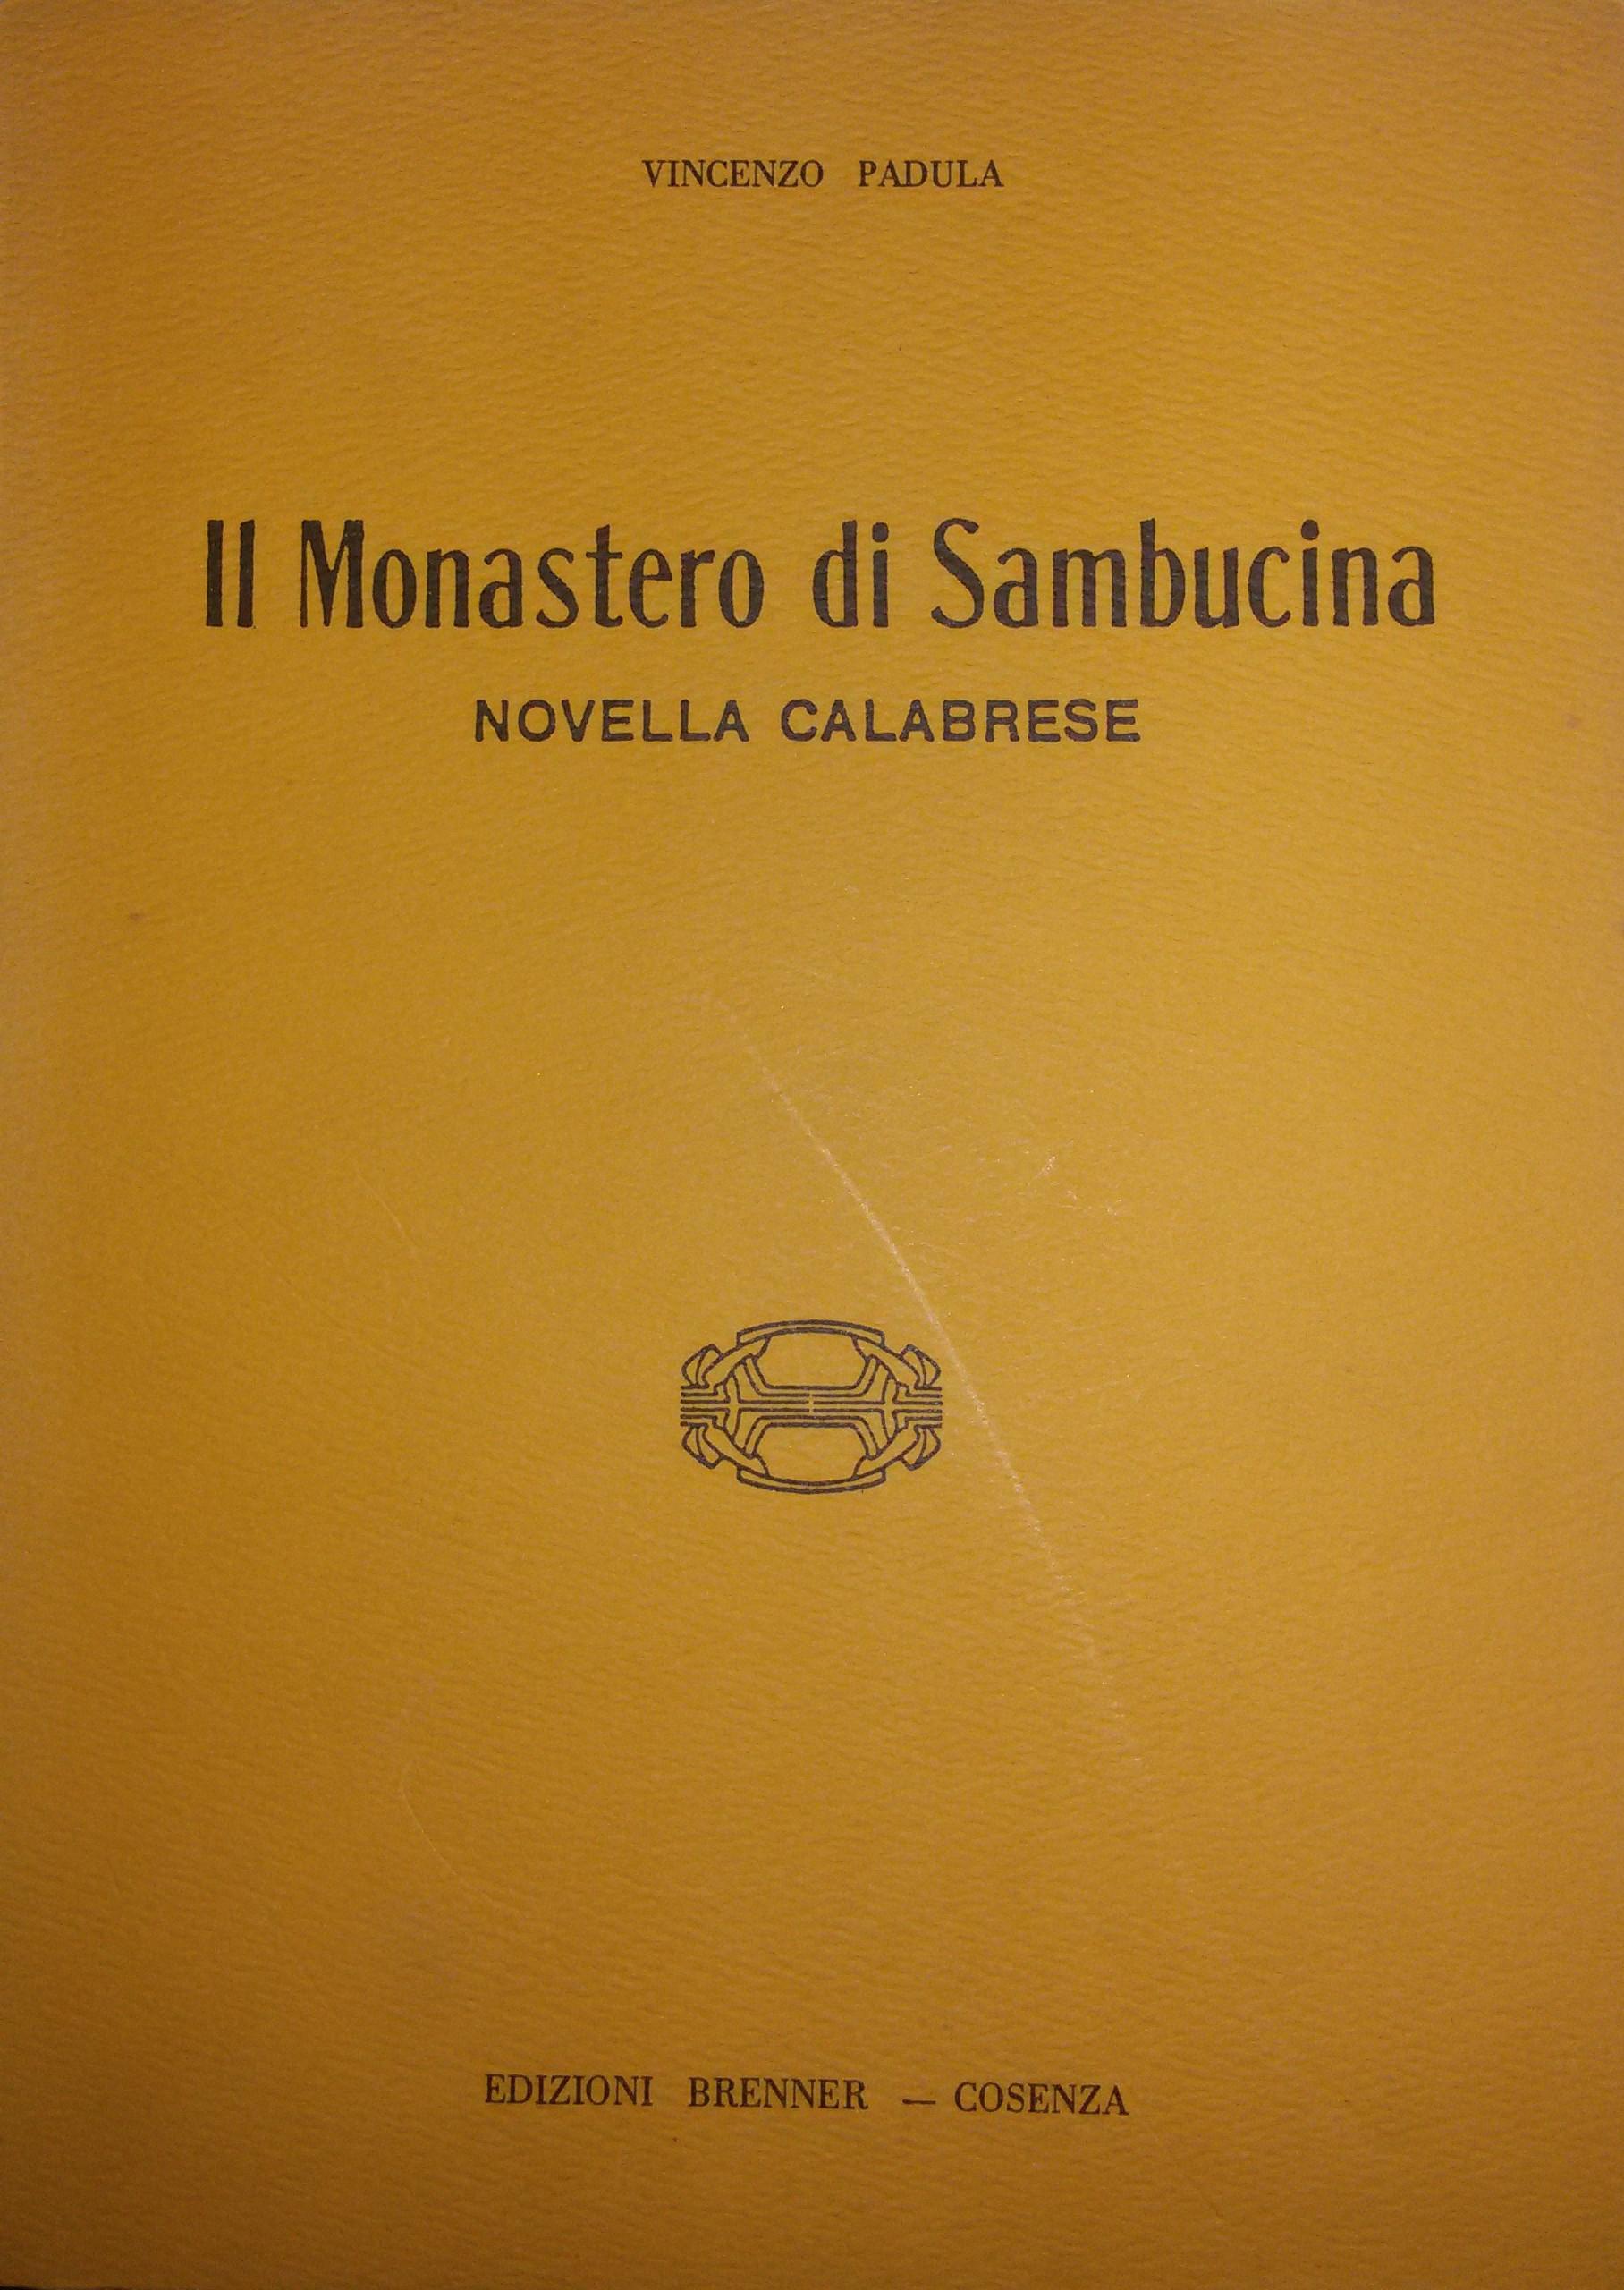 il_monastero_di_Sambucina